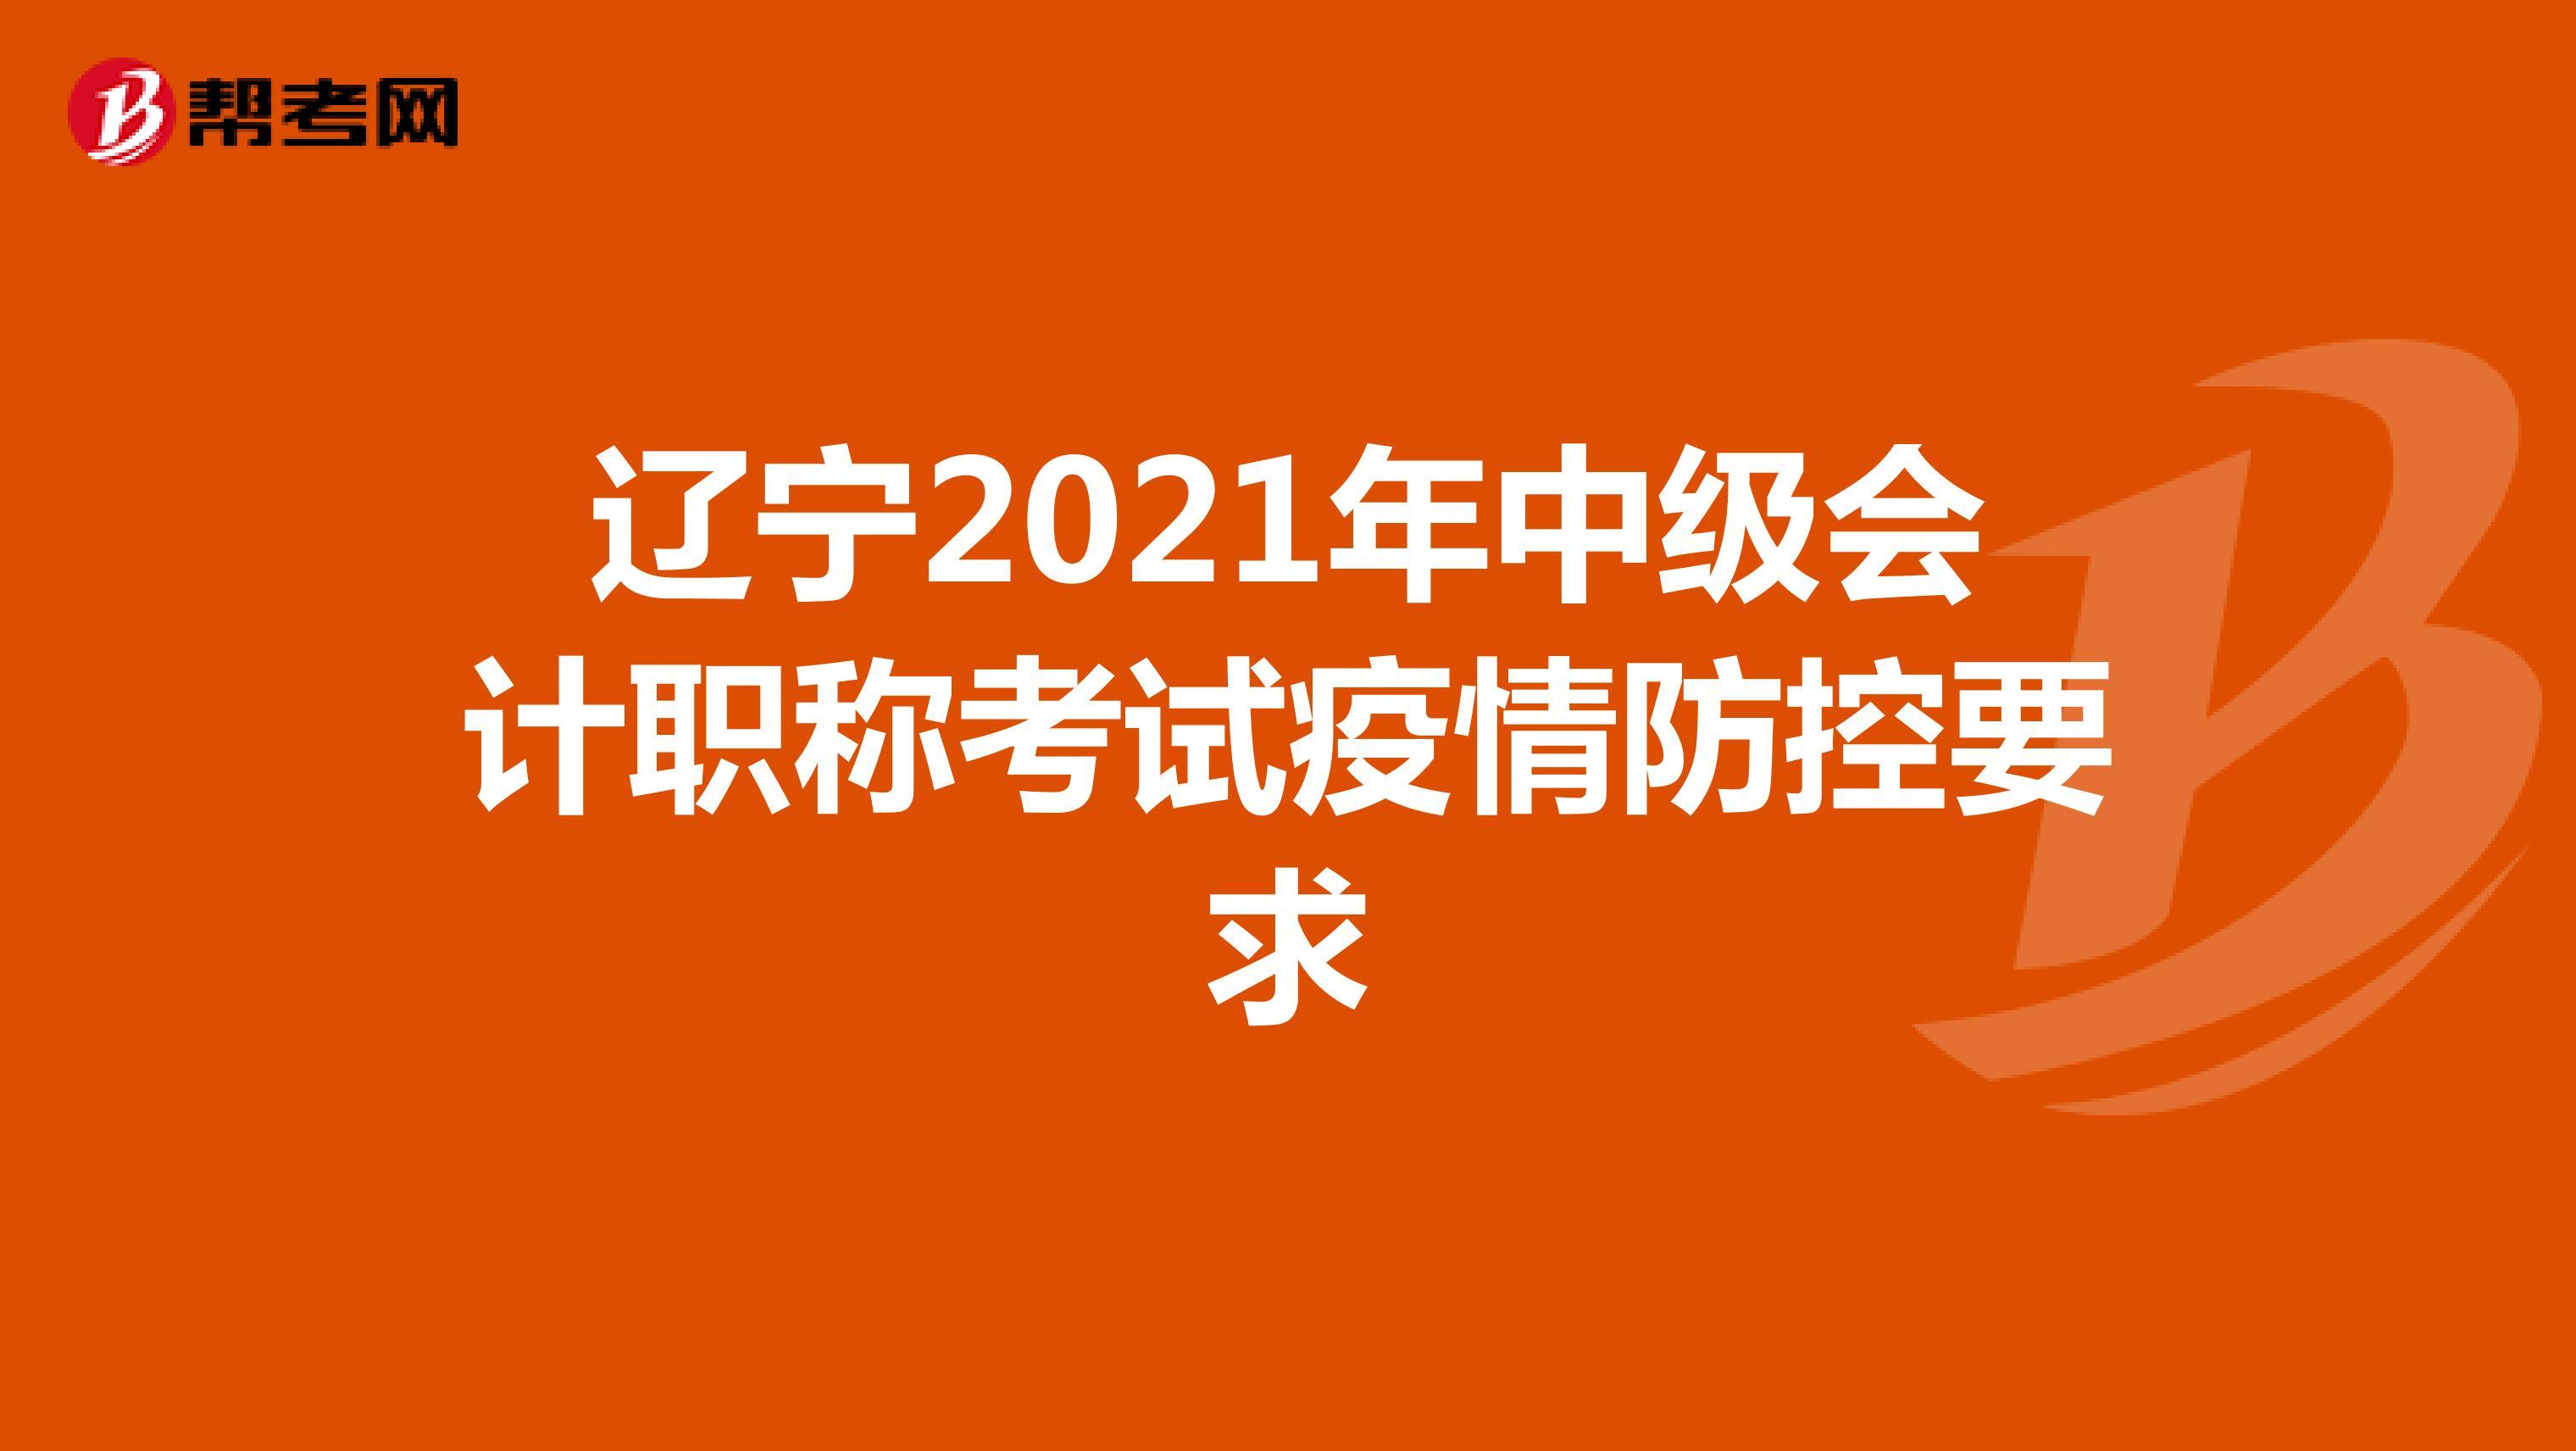 辽宁2021年中级会计职称考试疫情防控要求